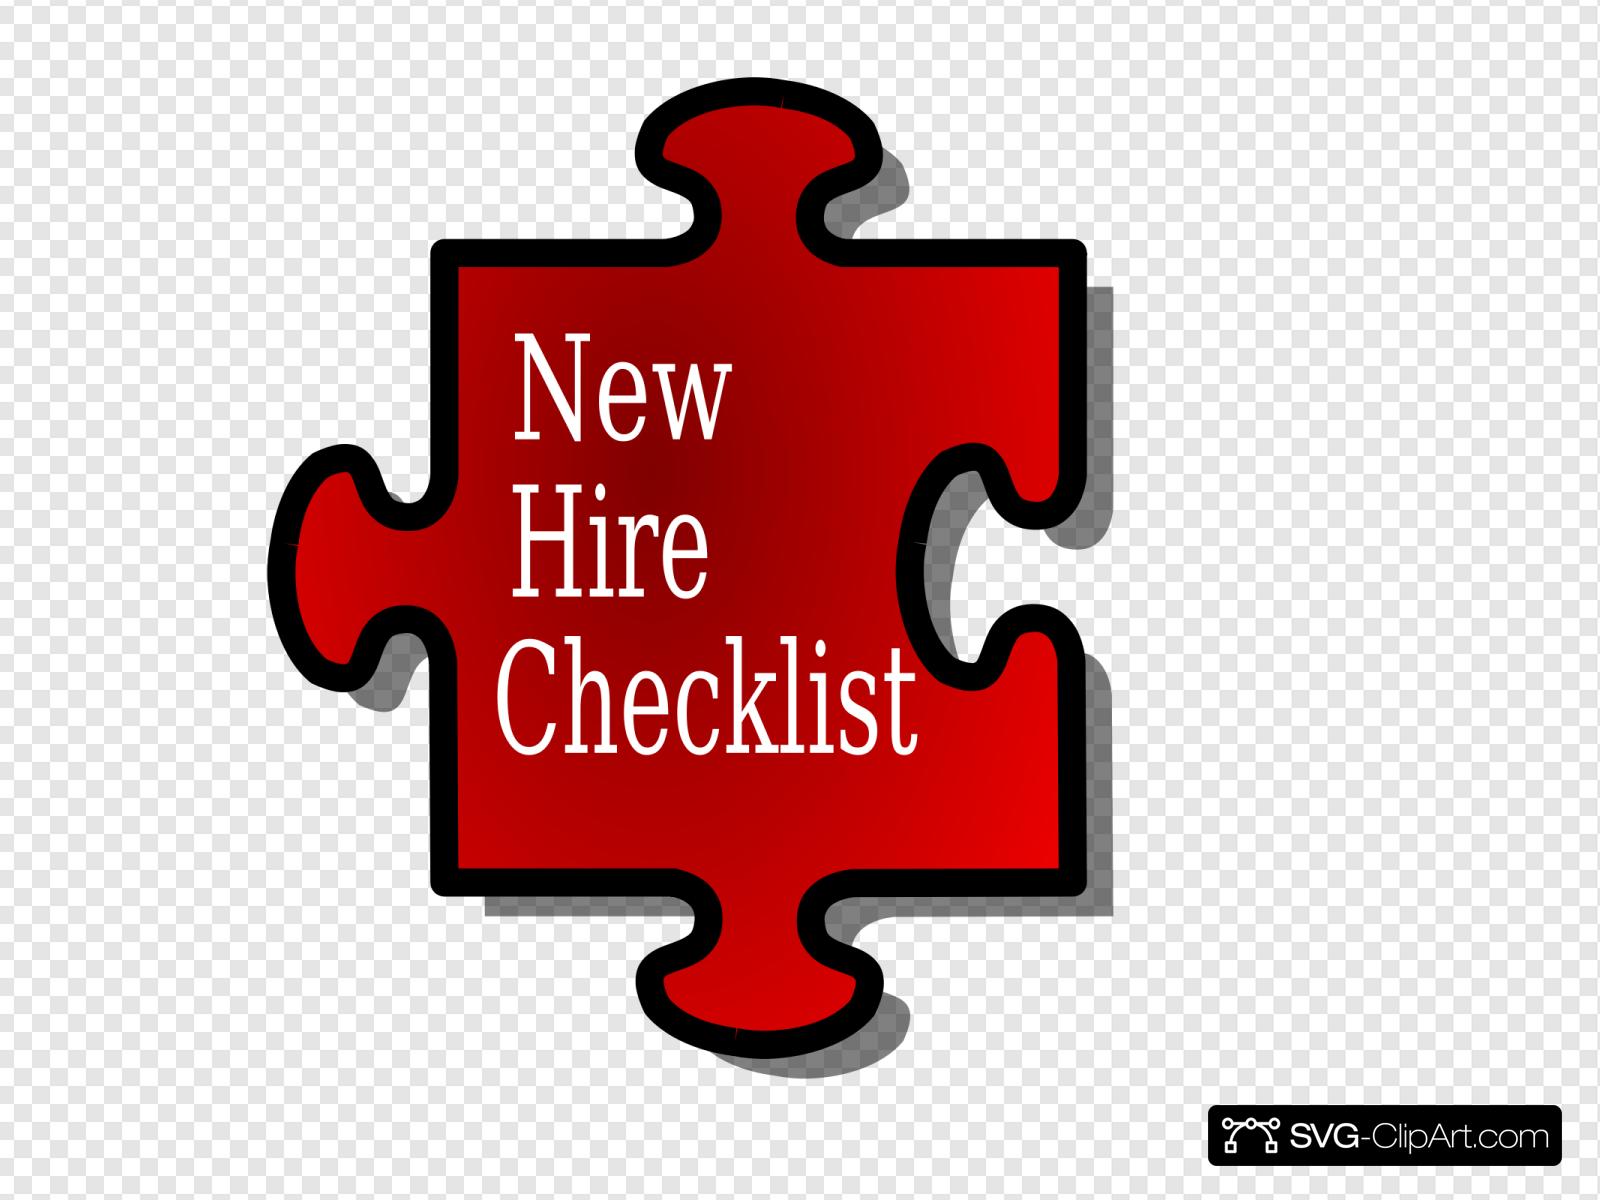 New Hire Checklist Clip art, Icon and SVG.